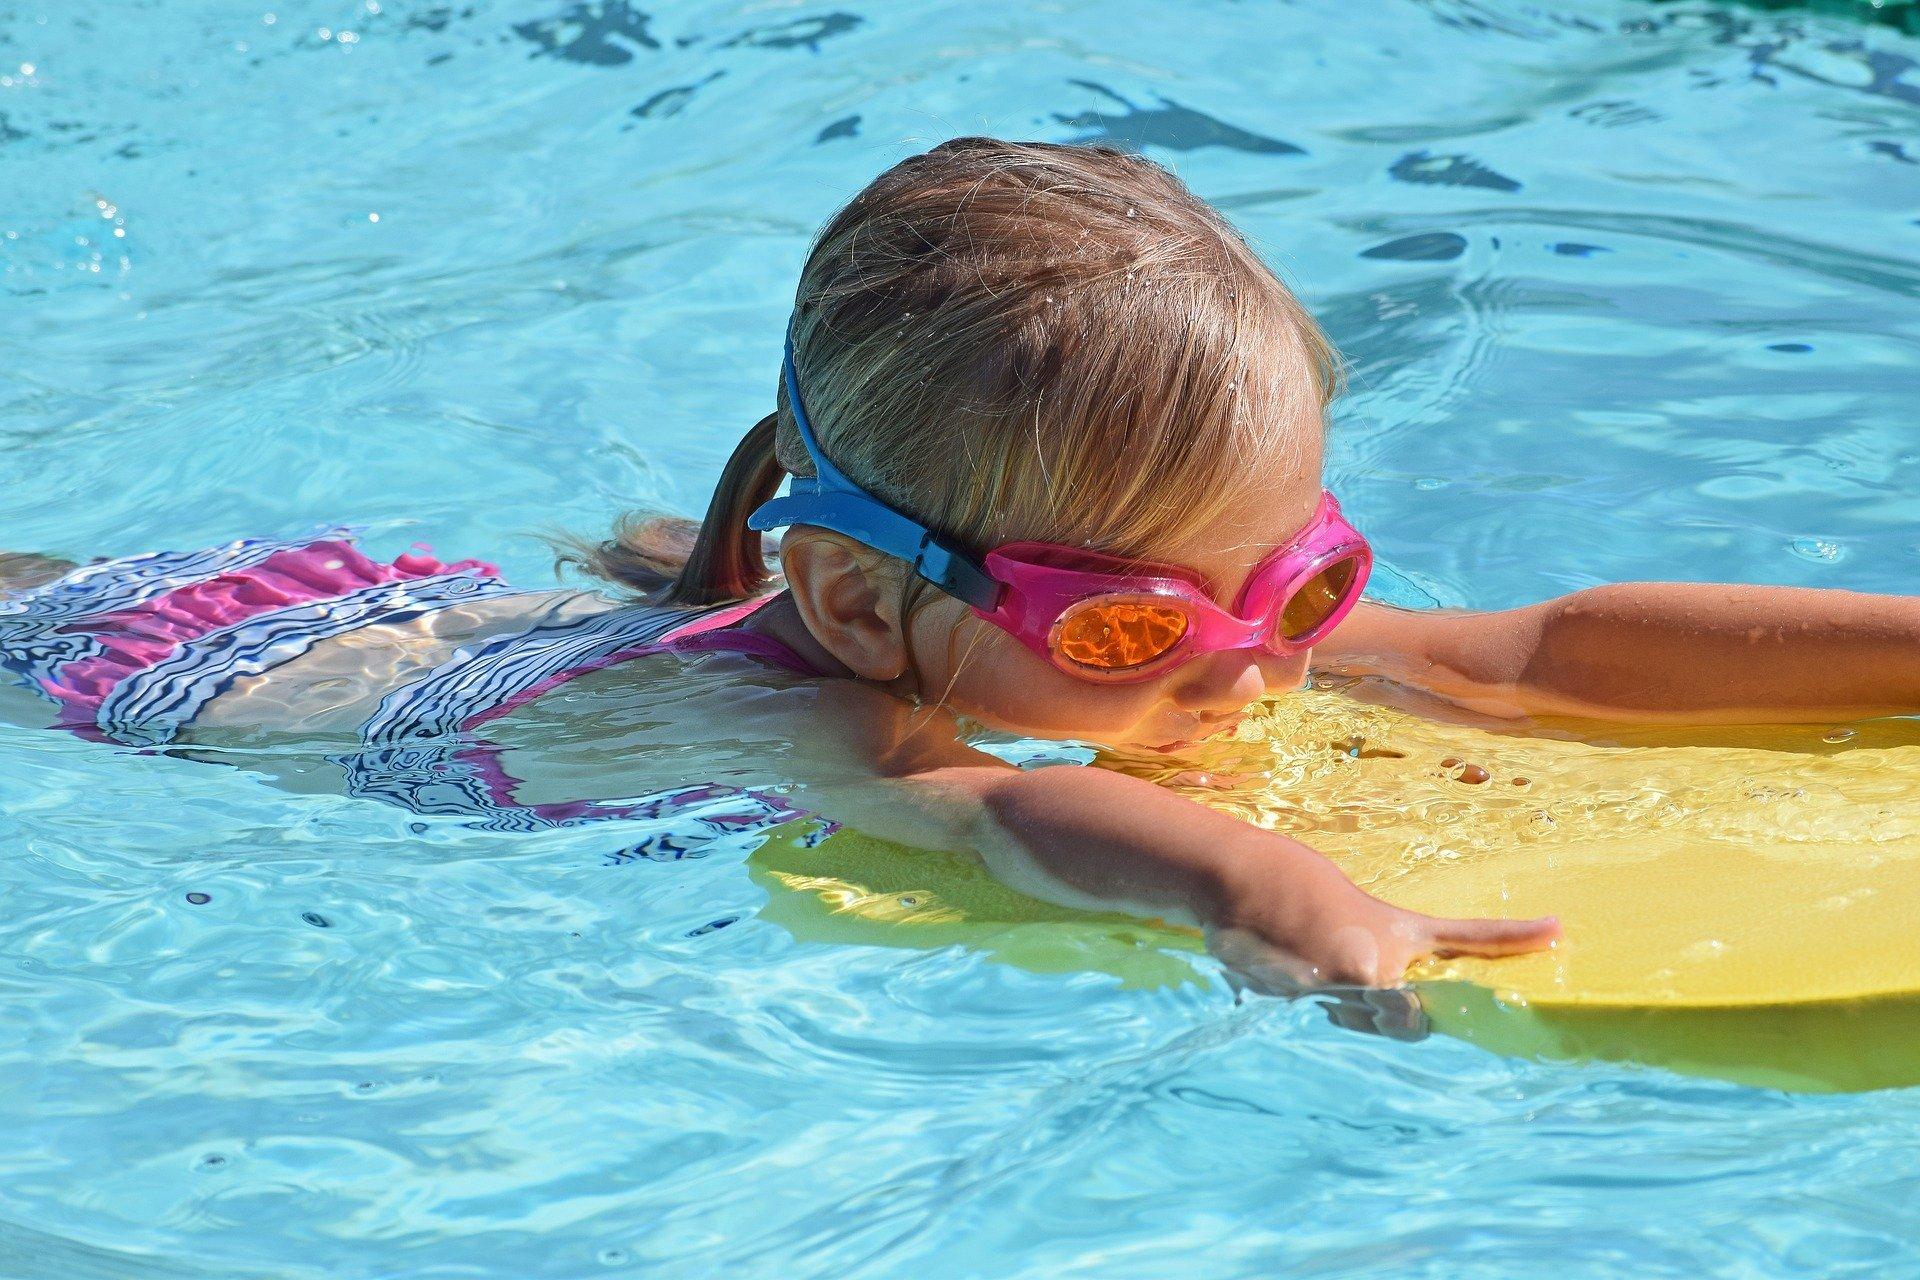 comment_securiser_piscine